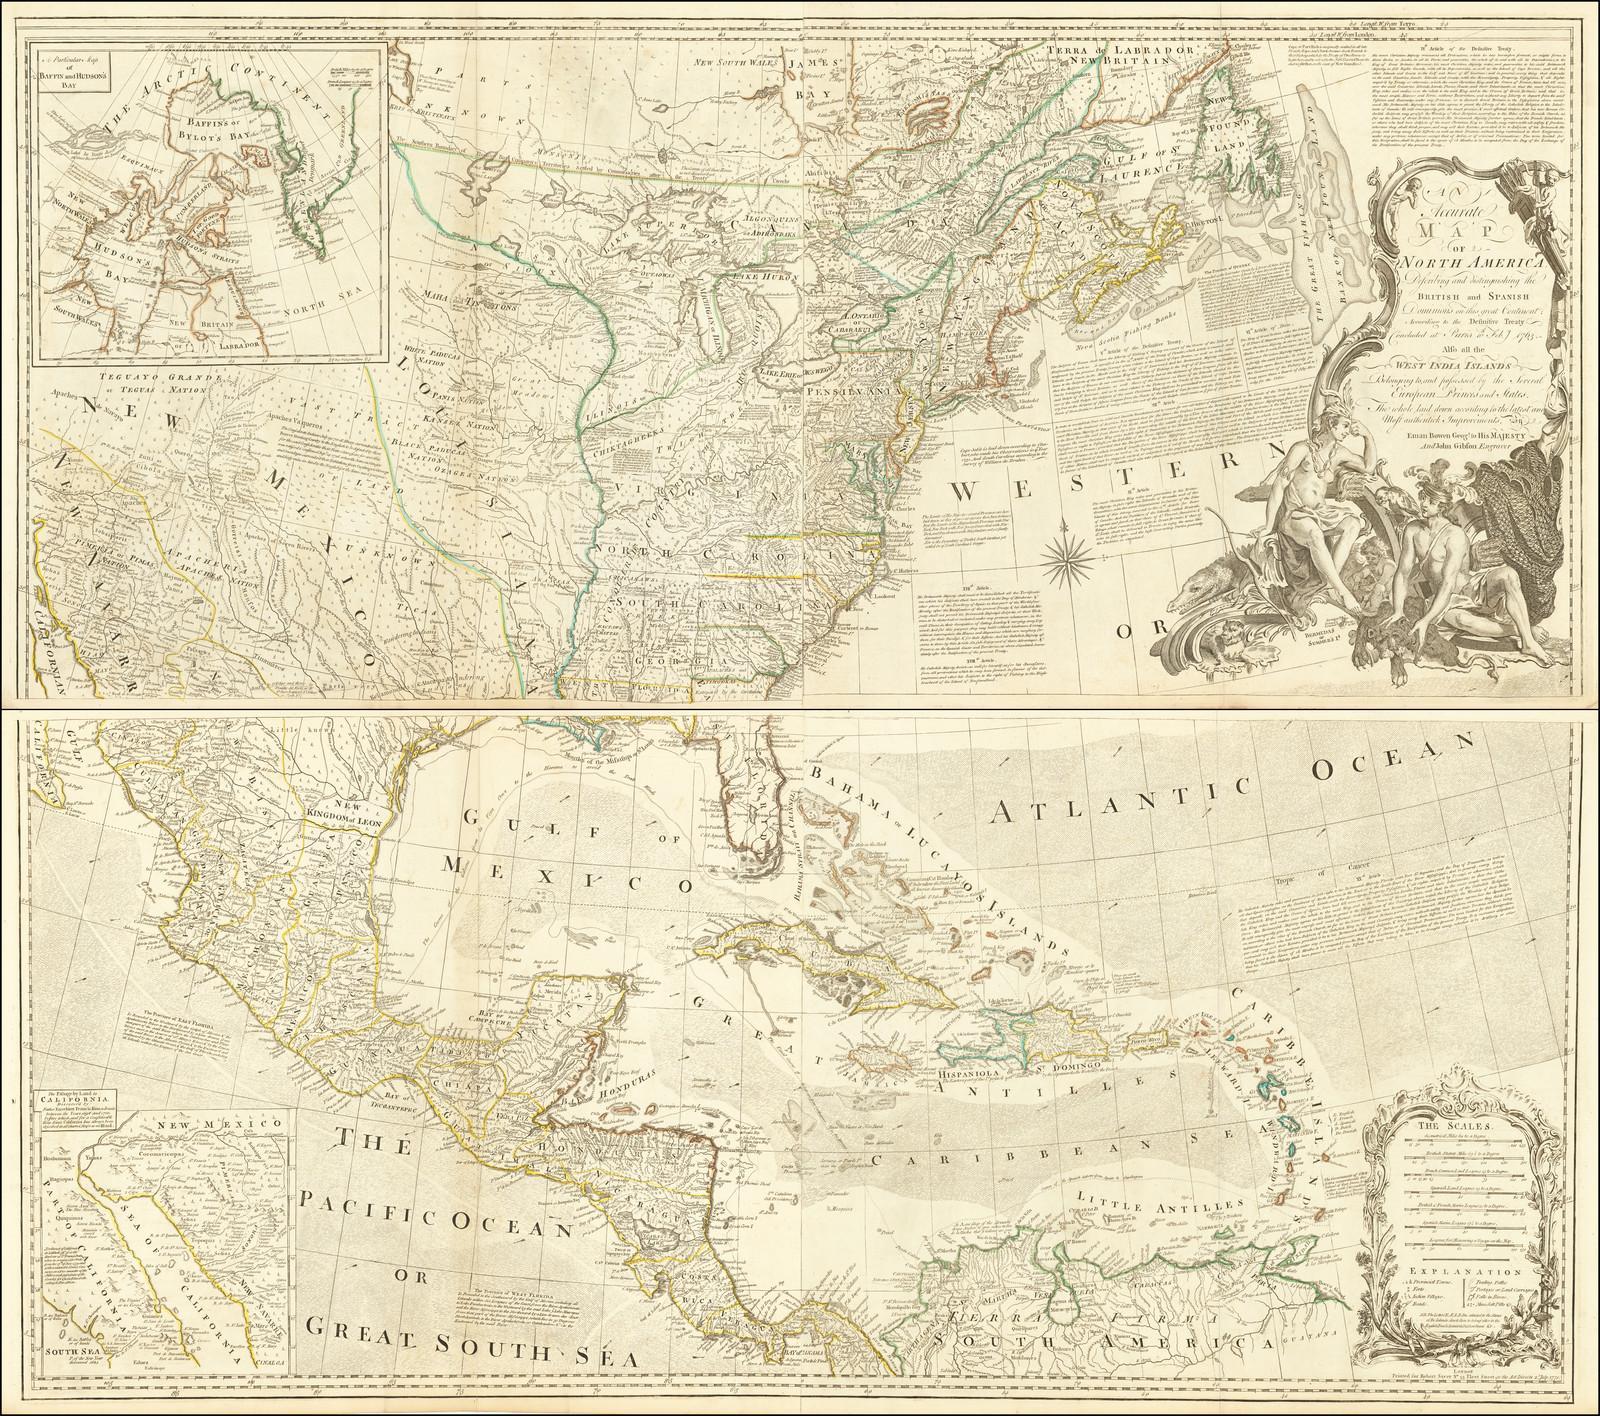 4-х листовая карта Северной Америки накануне Американской революции описывающая британские и испанские доминионы